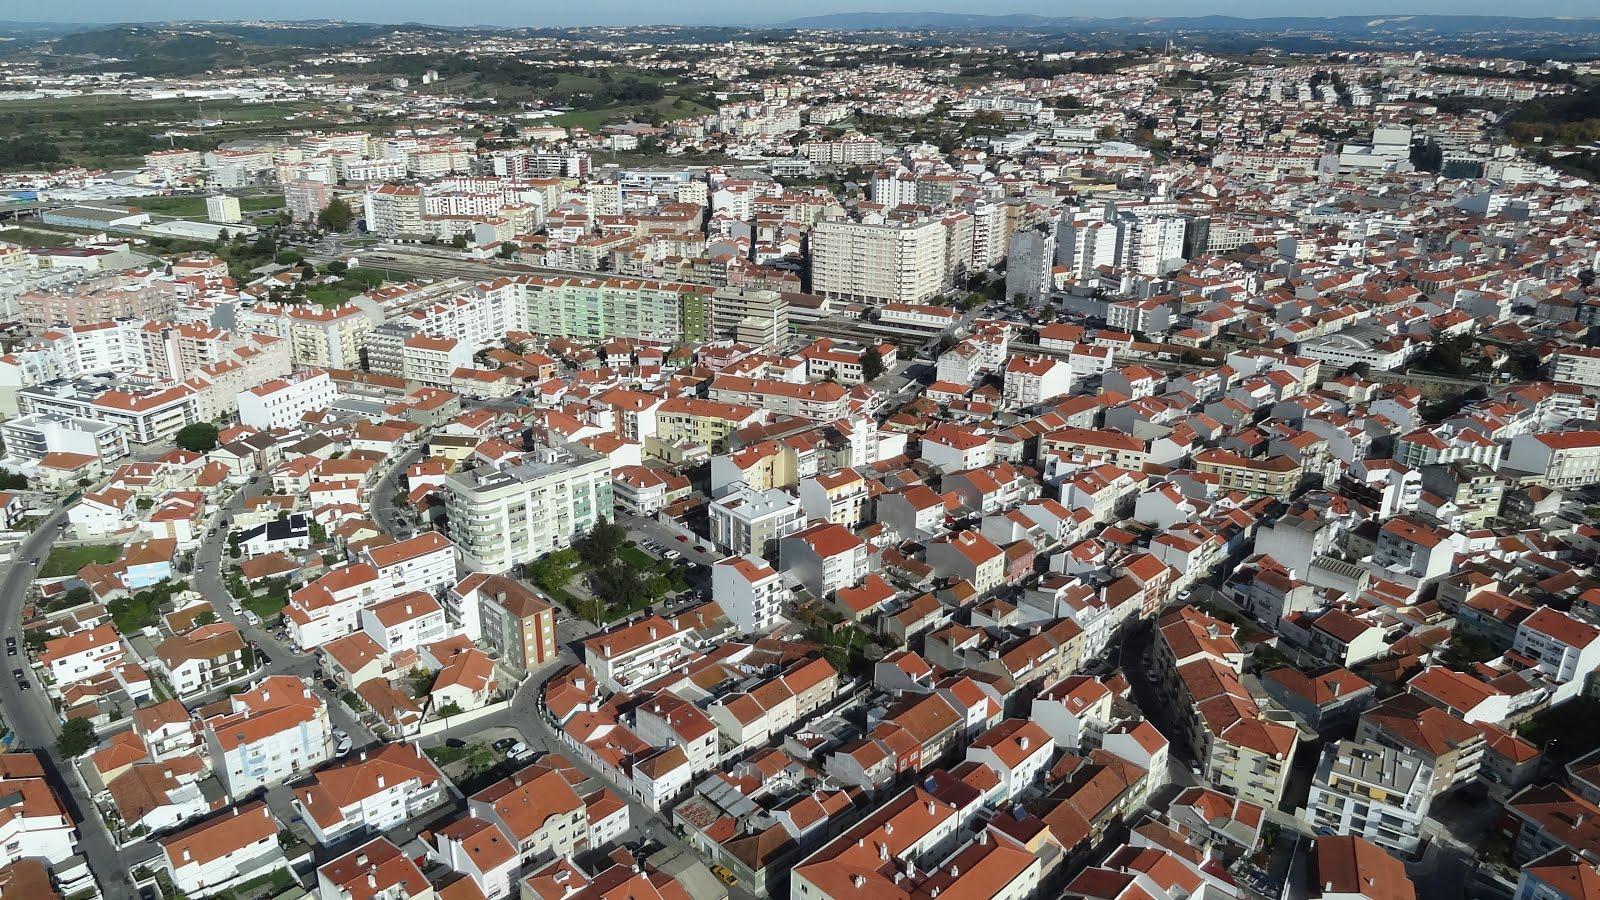 Caldas Da Rainha Portugal  city images : Terceira Dimensão Fotografia Aérea: Caldas da Rainha